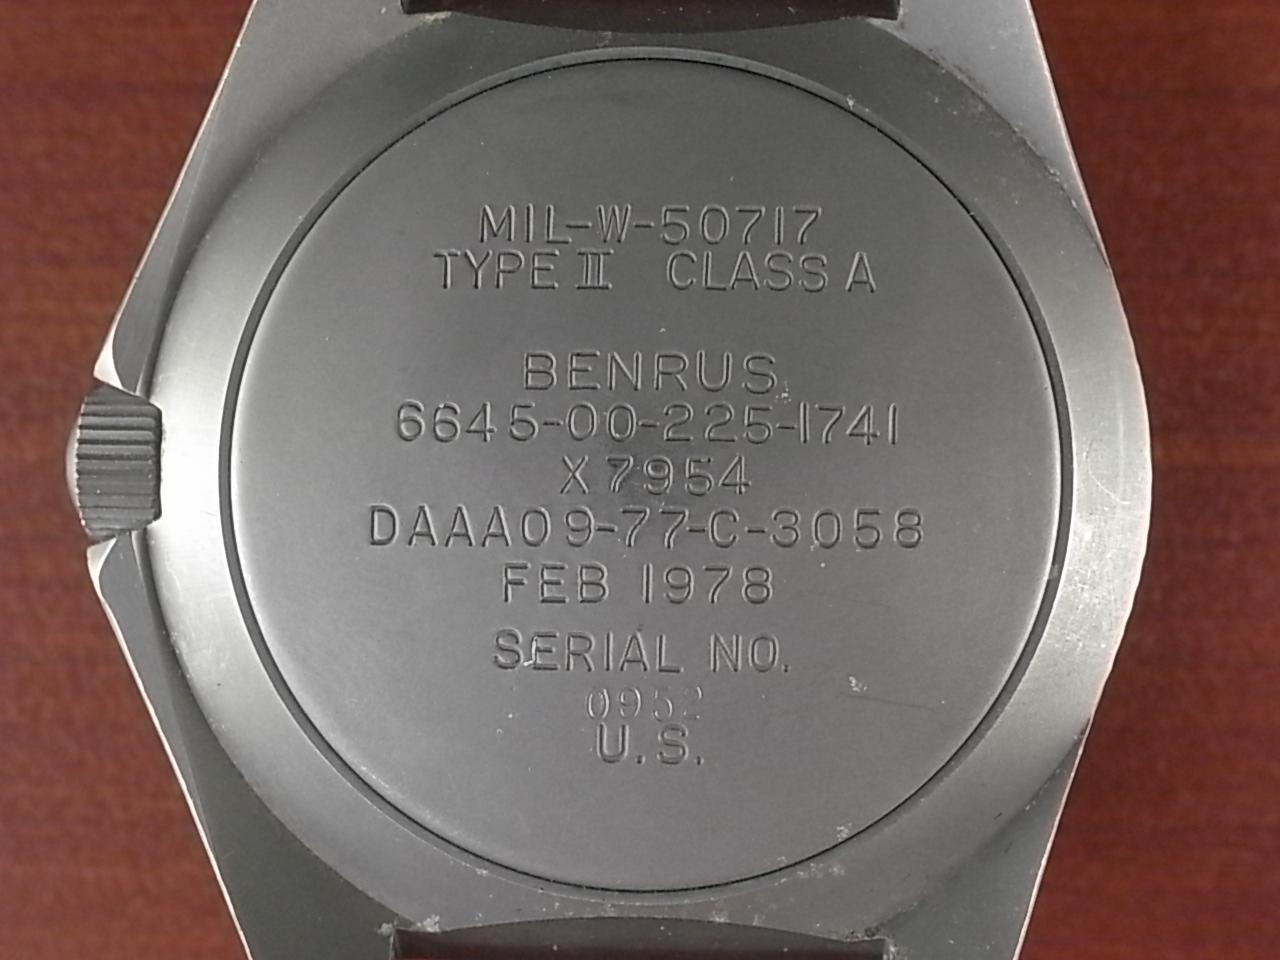 ベンラス 米軍特殊部隊 タイプⅡクラスA ダイバーズウォッチ 1970年代の写真4枚目